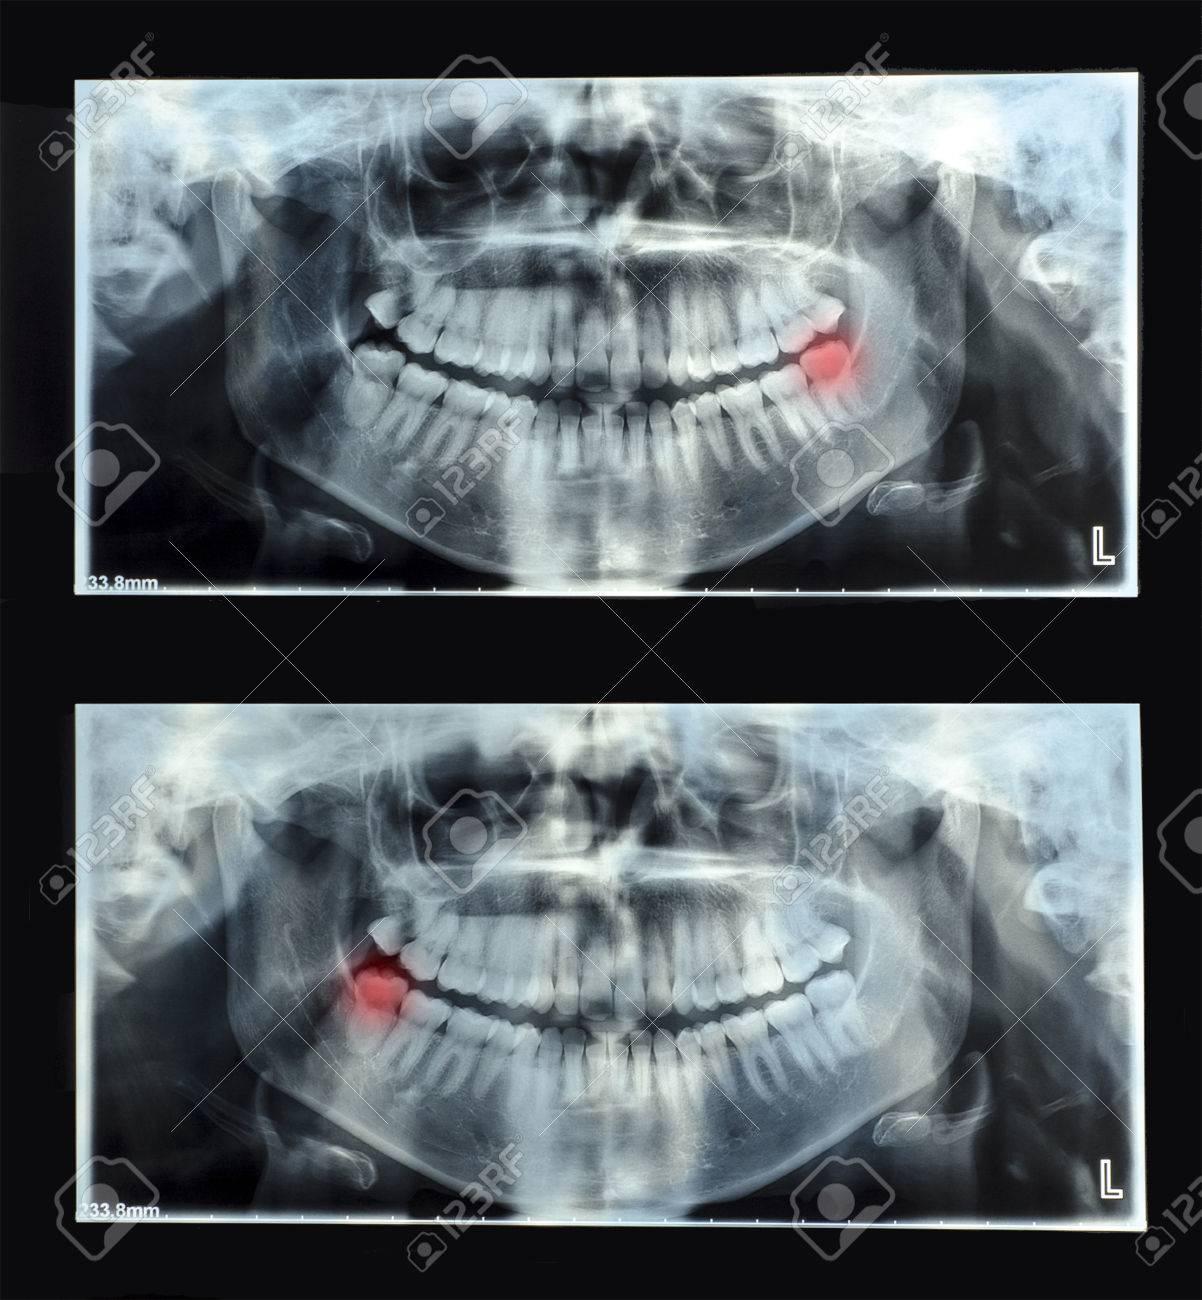 Panorámica Dental De Rayos X Con La Muela Del Juicio Superior ...